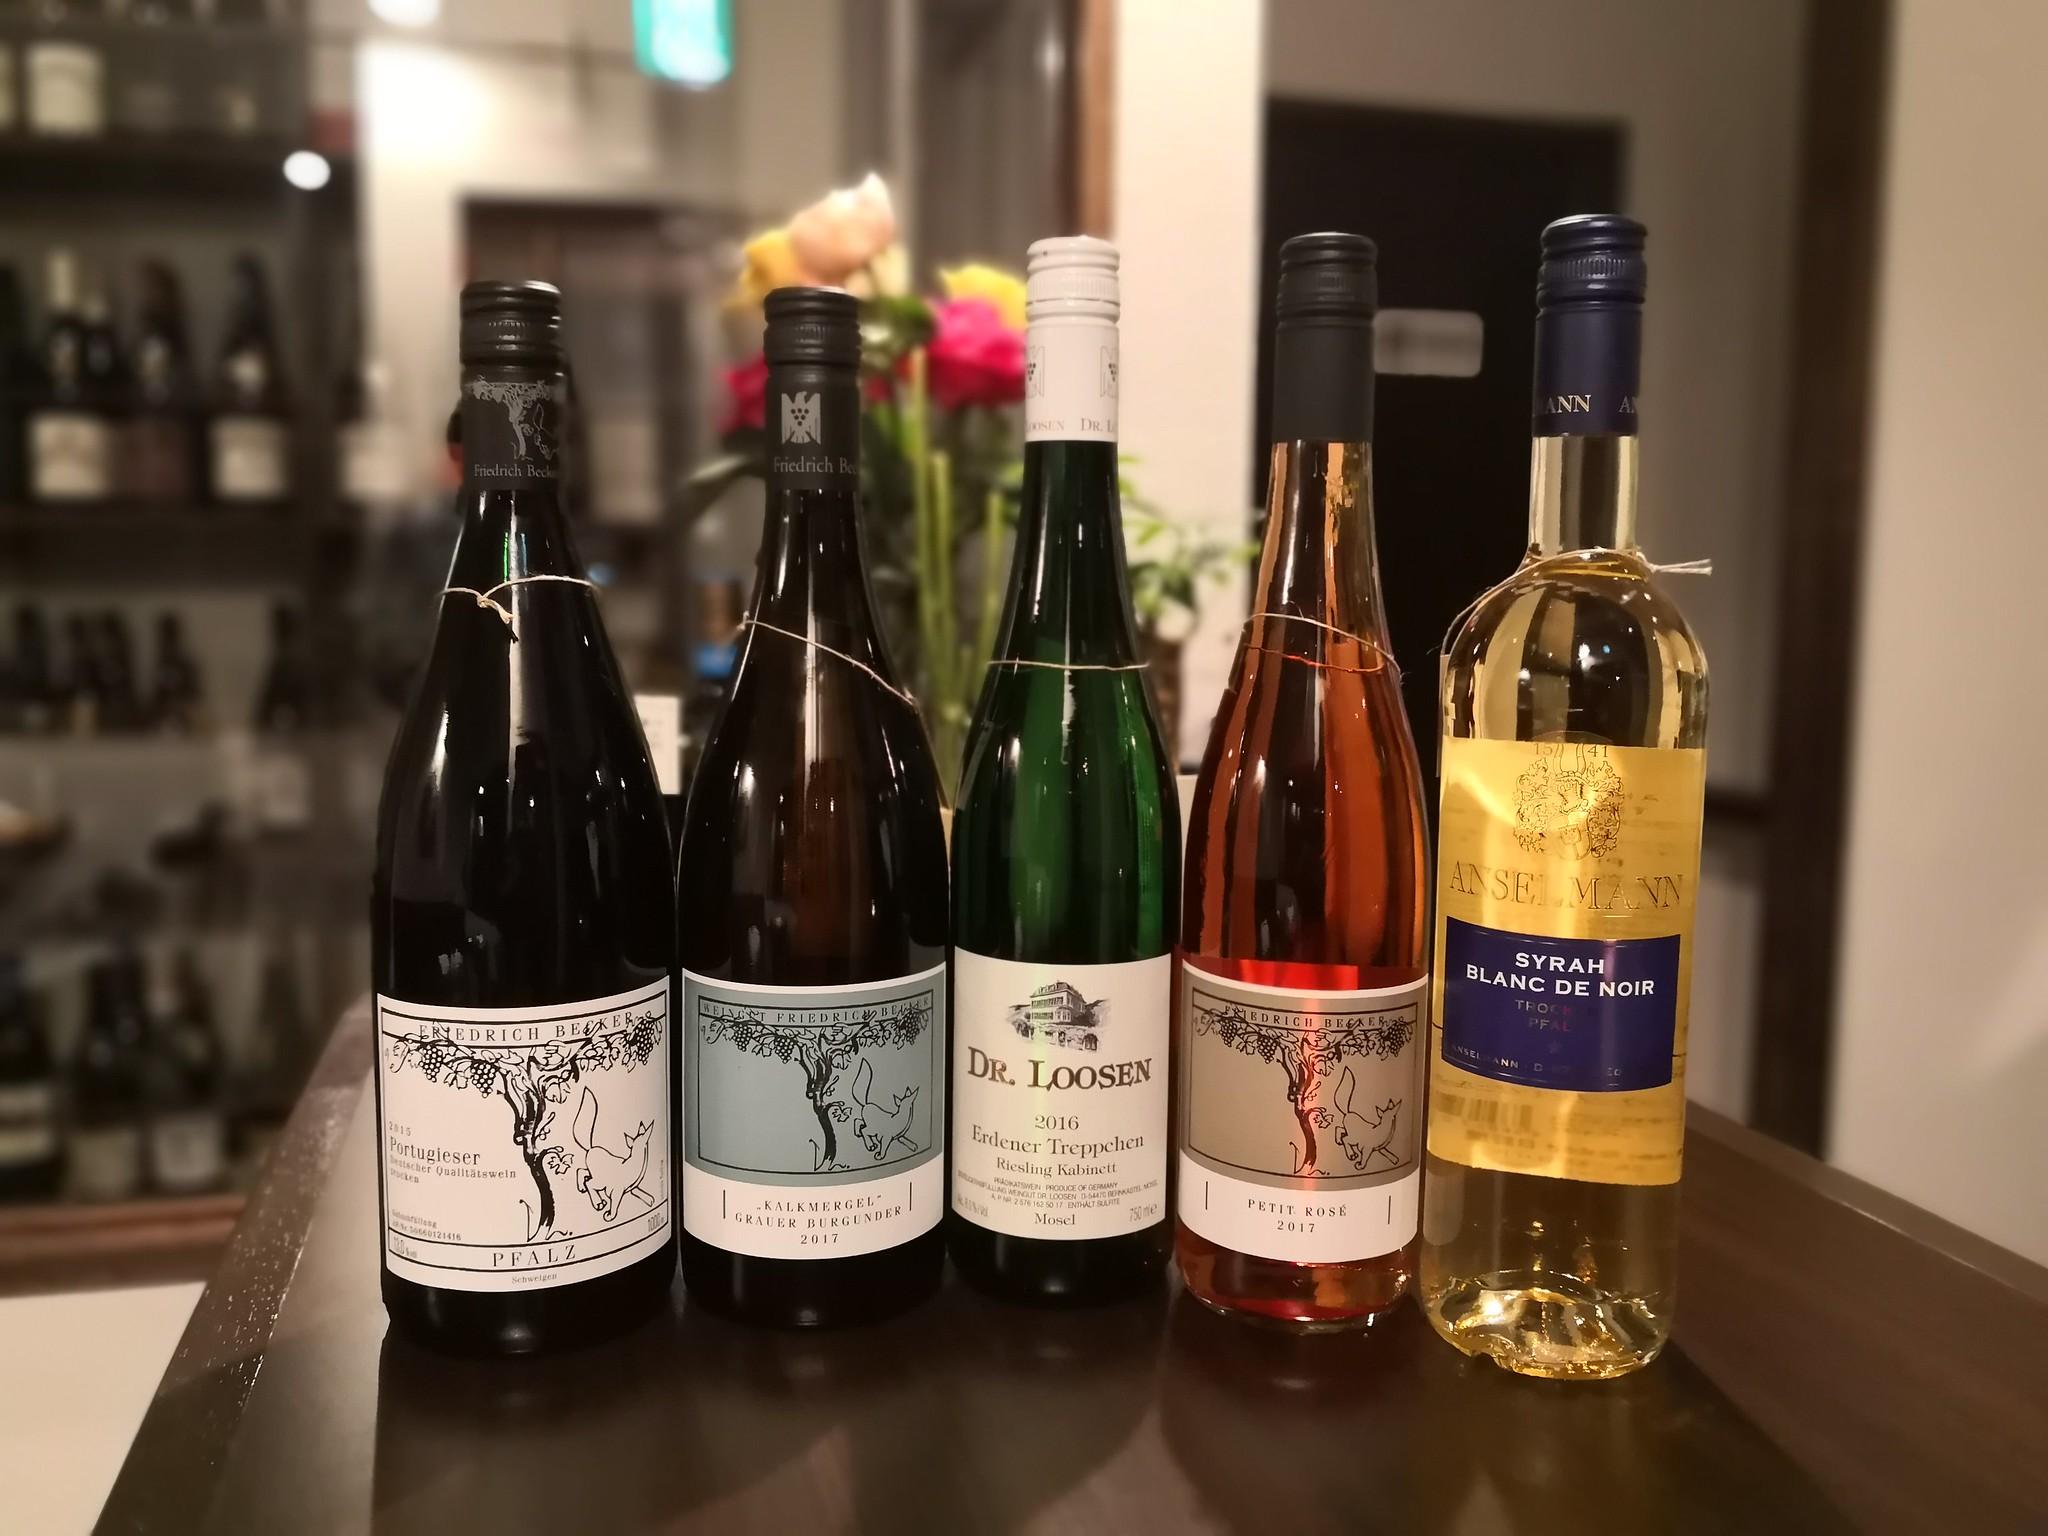 【経堂】Cassiel(カシエル)@試飲感覚でイマドキのドイツワインを楽しめる注目のお店。